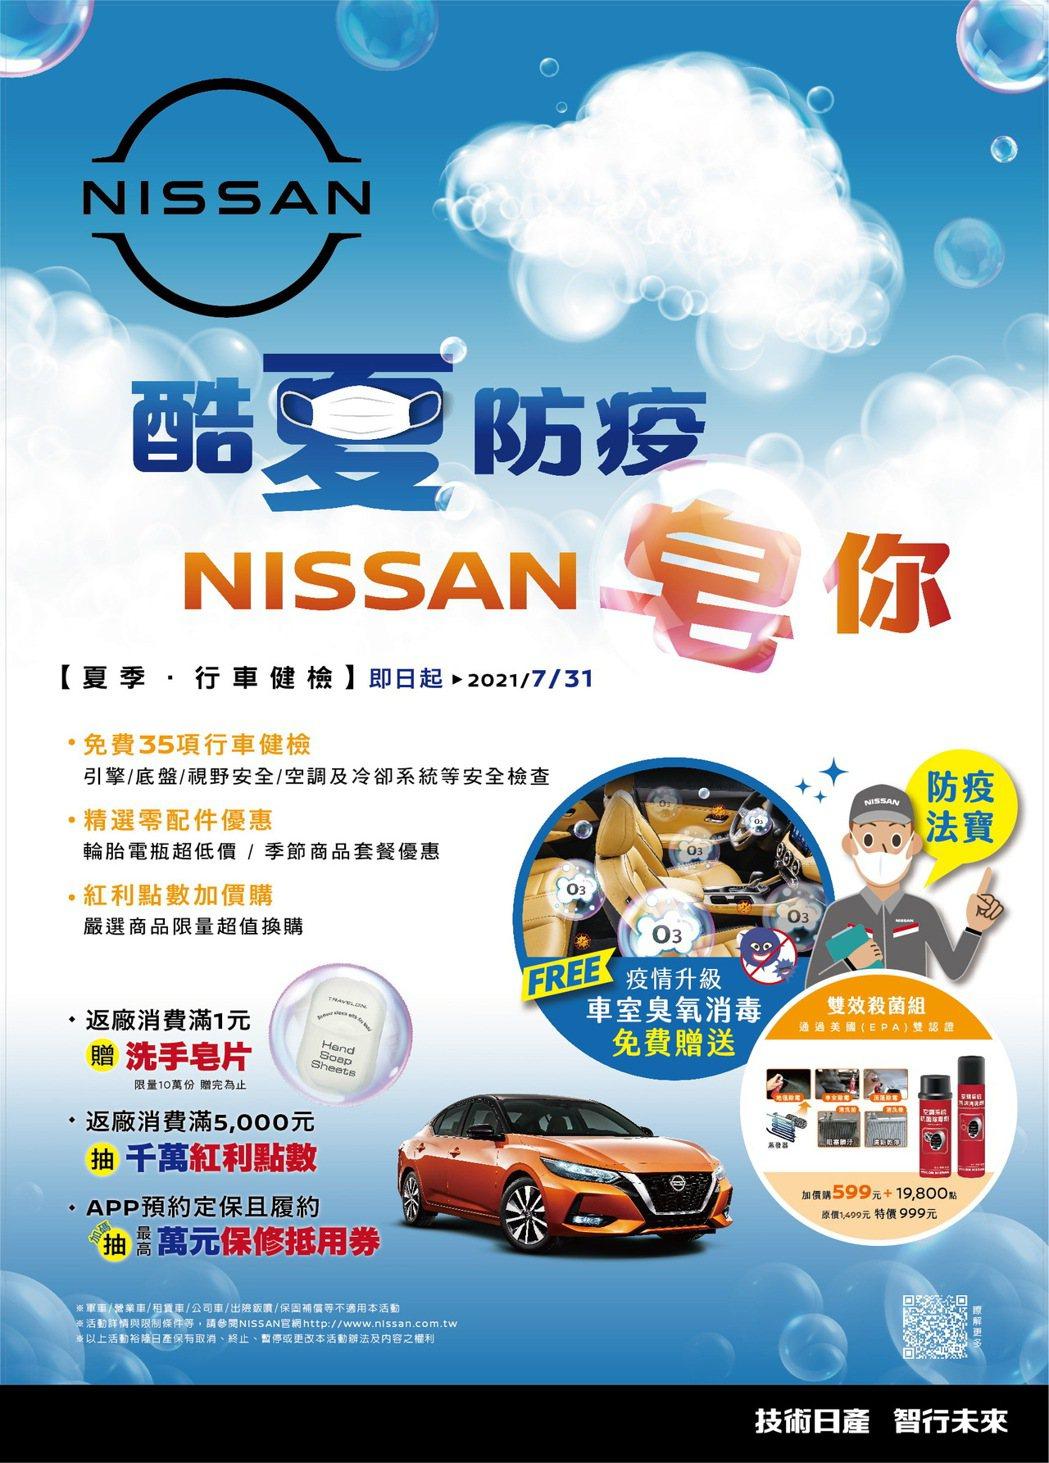 裕隆日產汽車自即日起至7月31日止,推出「酷夏防疫 NISSAN皂你」夏季行車健...